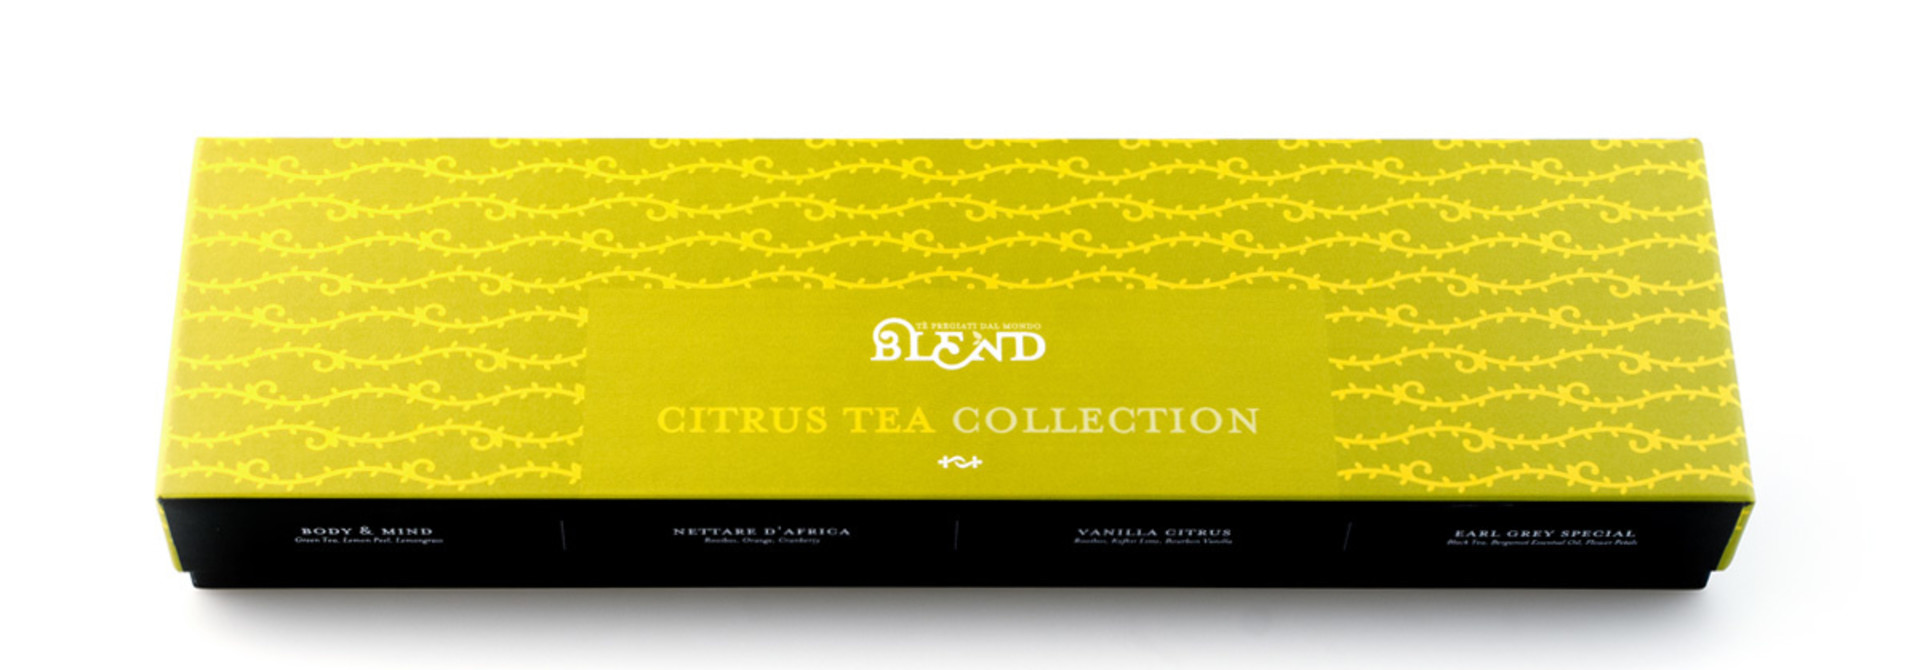 Citrus Tea Collection